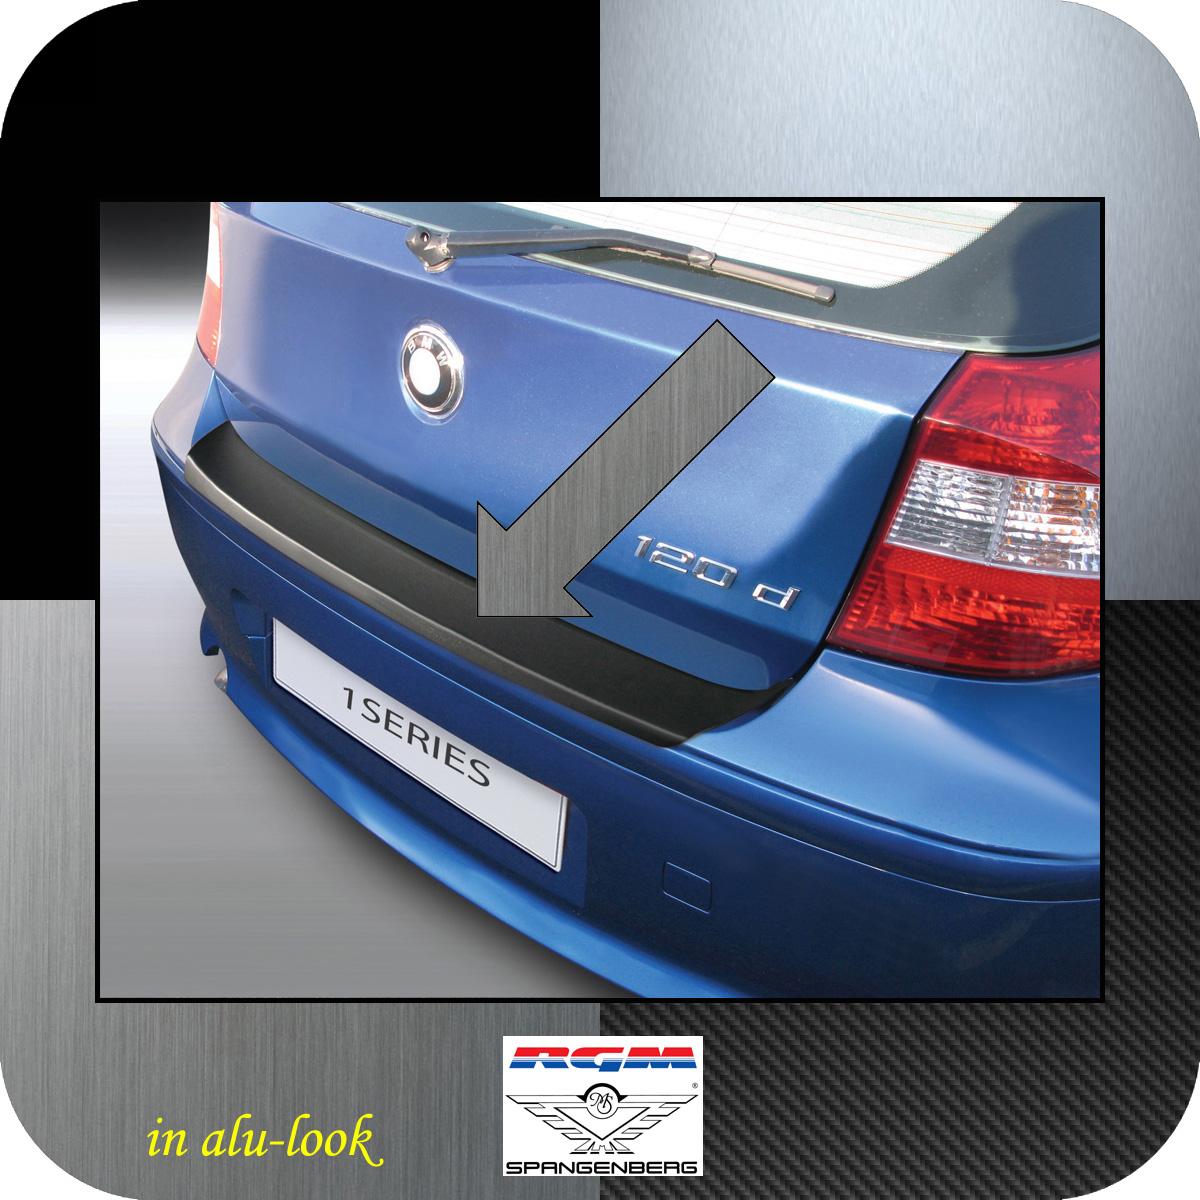 Ladekantenschutz Alu-Look BMW 1er E81 E87 Schrägheck vor Mopf 2003-07 3504441